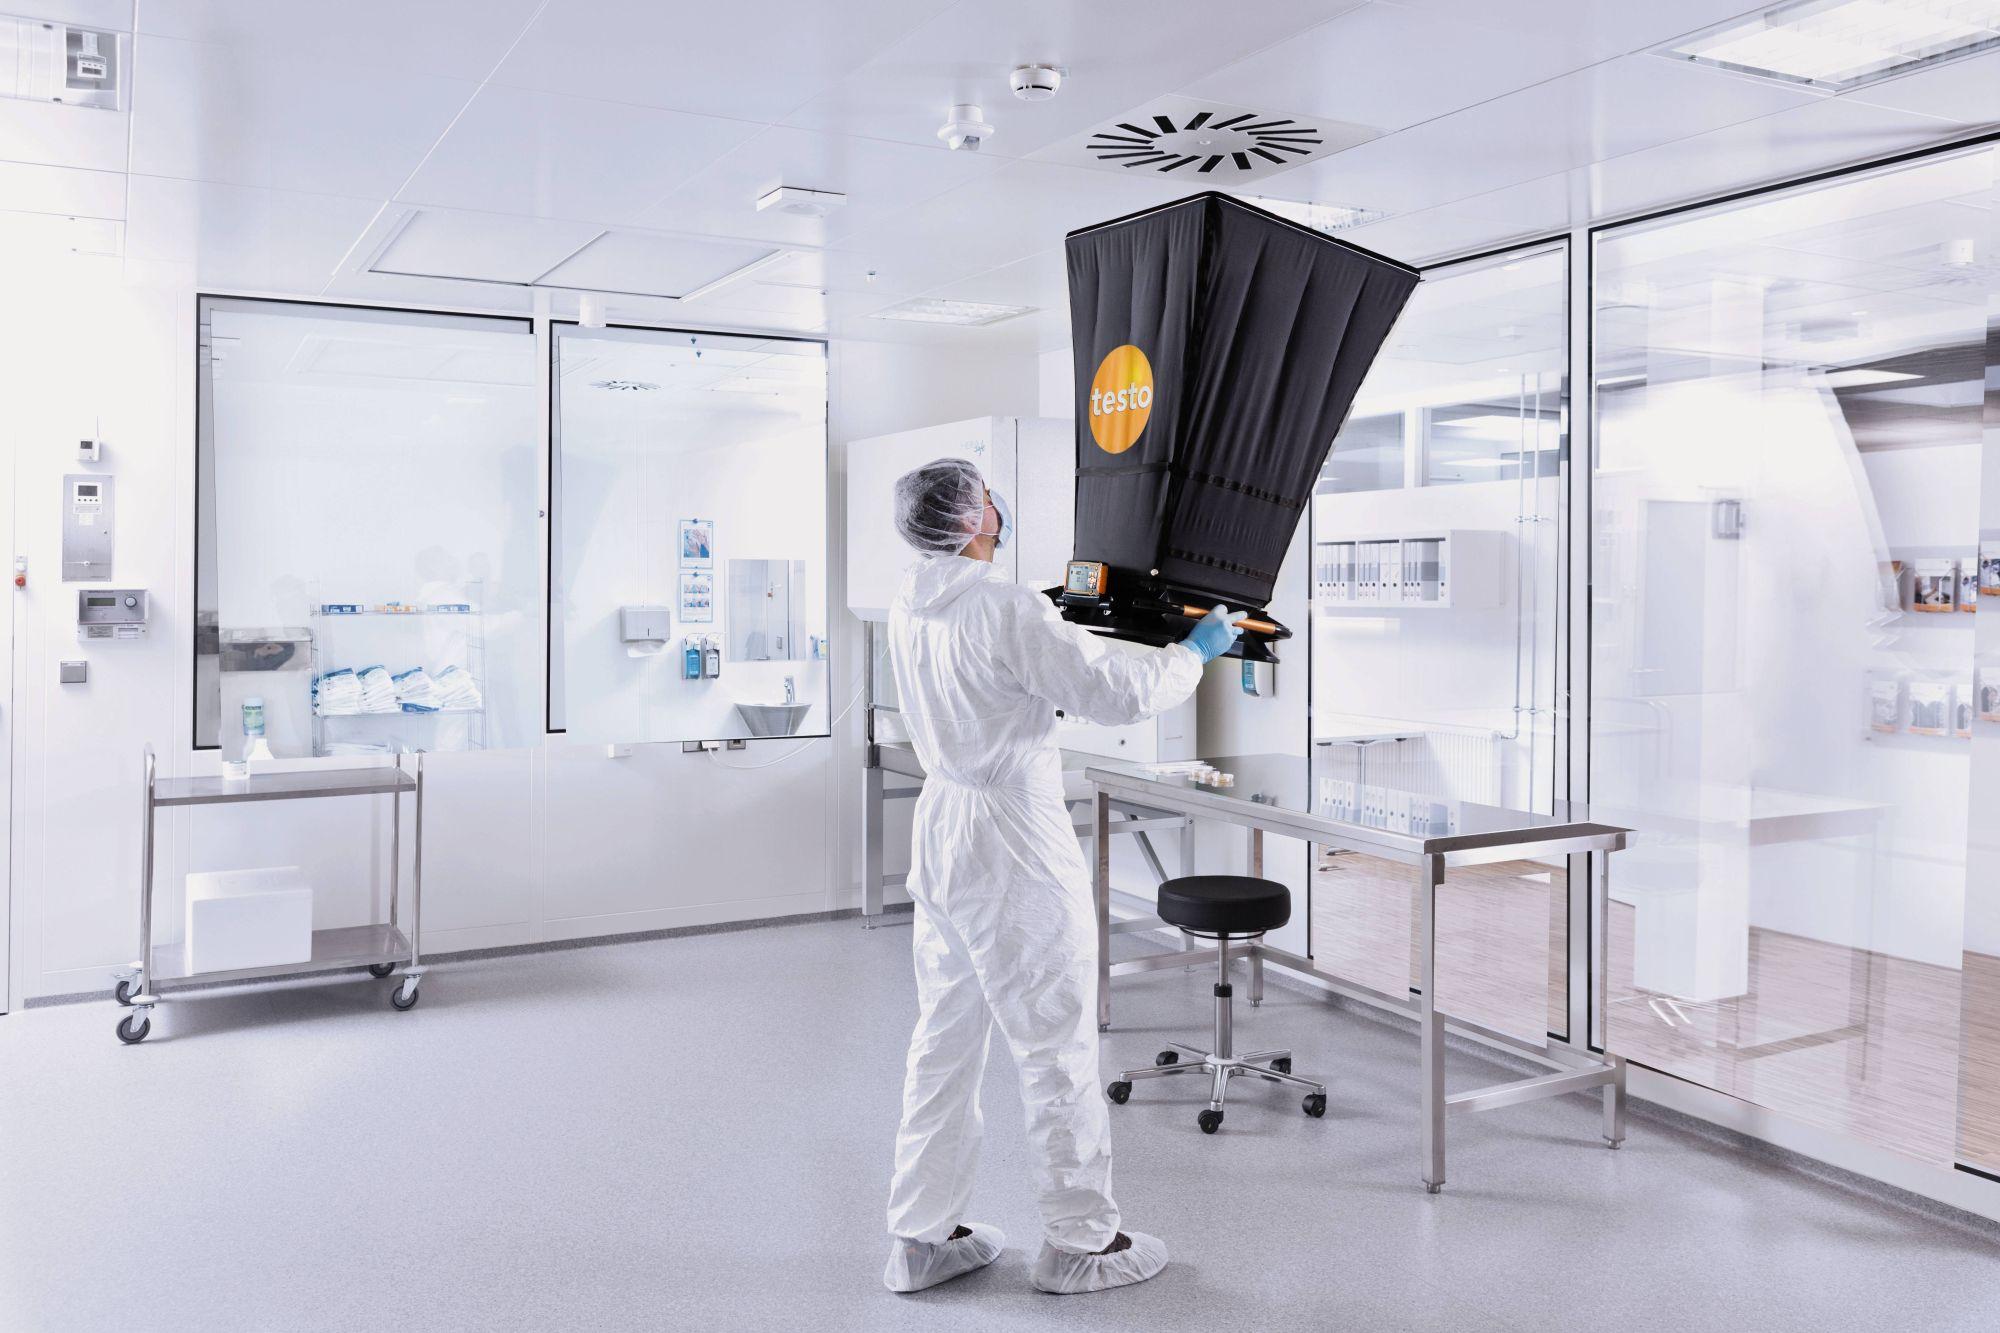 Imag-testo420-Aplicacion-Laboratorio-01.jpg